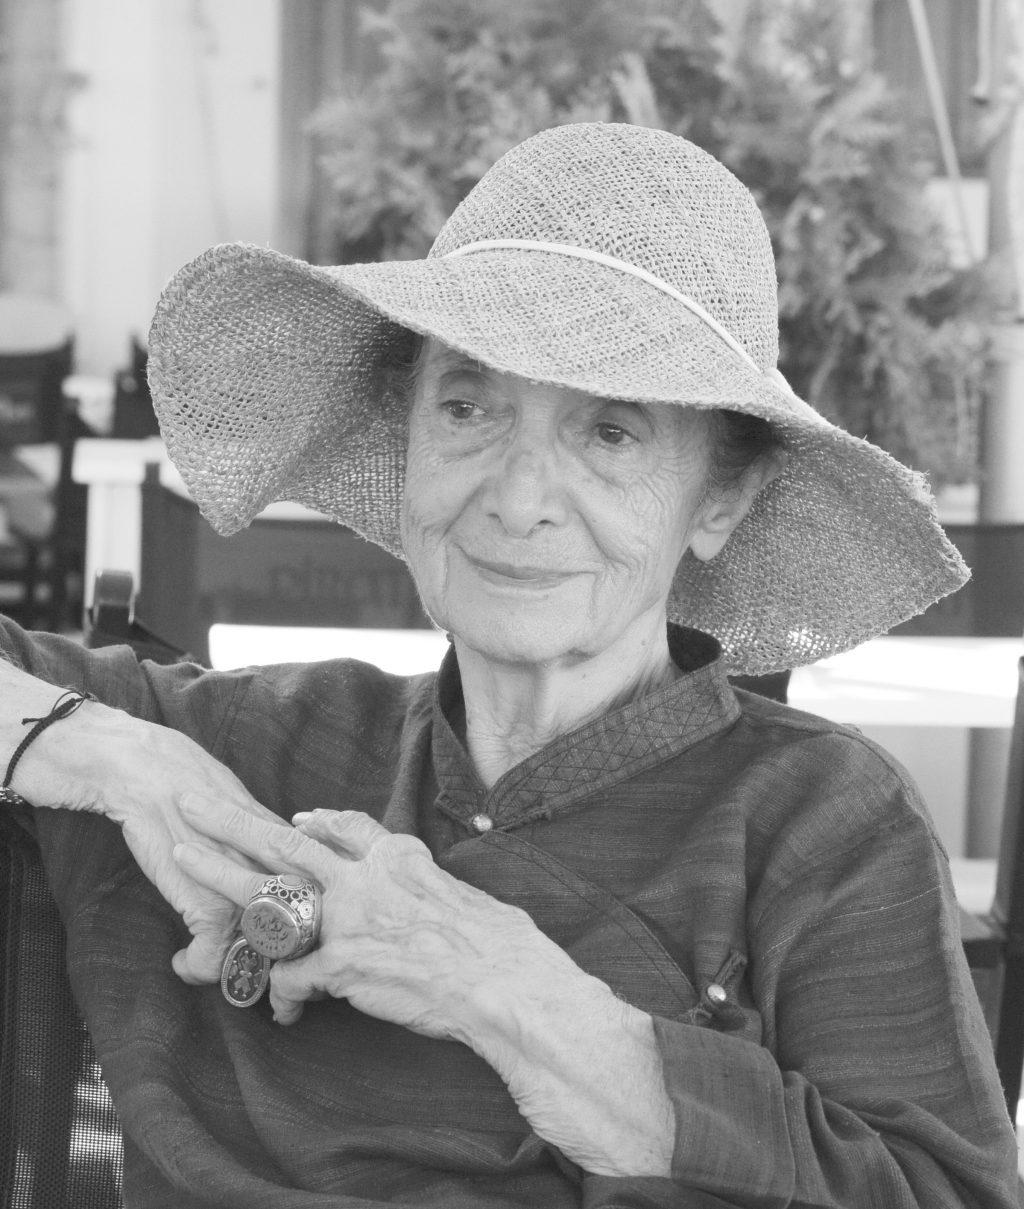 Η ελληνίδα ζωγράφος Ρένα Τζολάκη. Ύδρα, Σεπτέμβριος 2015. Φωτό : GAB